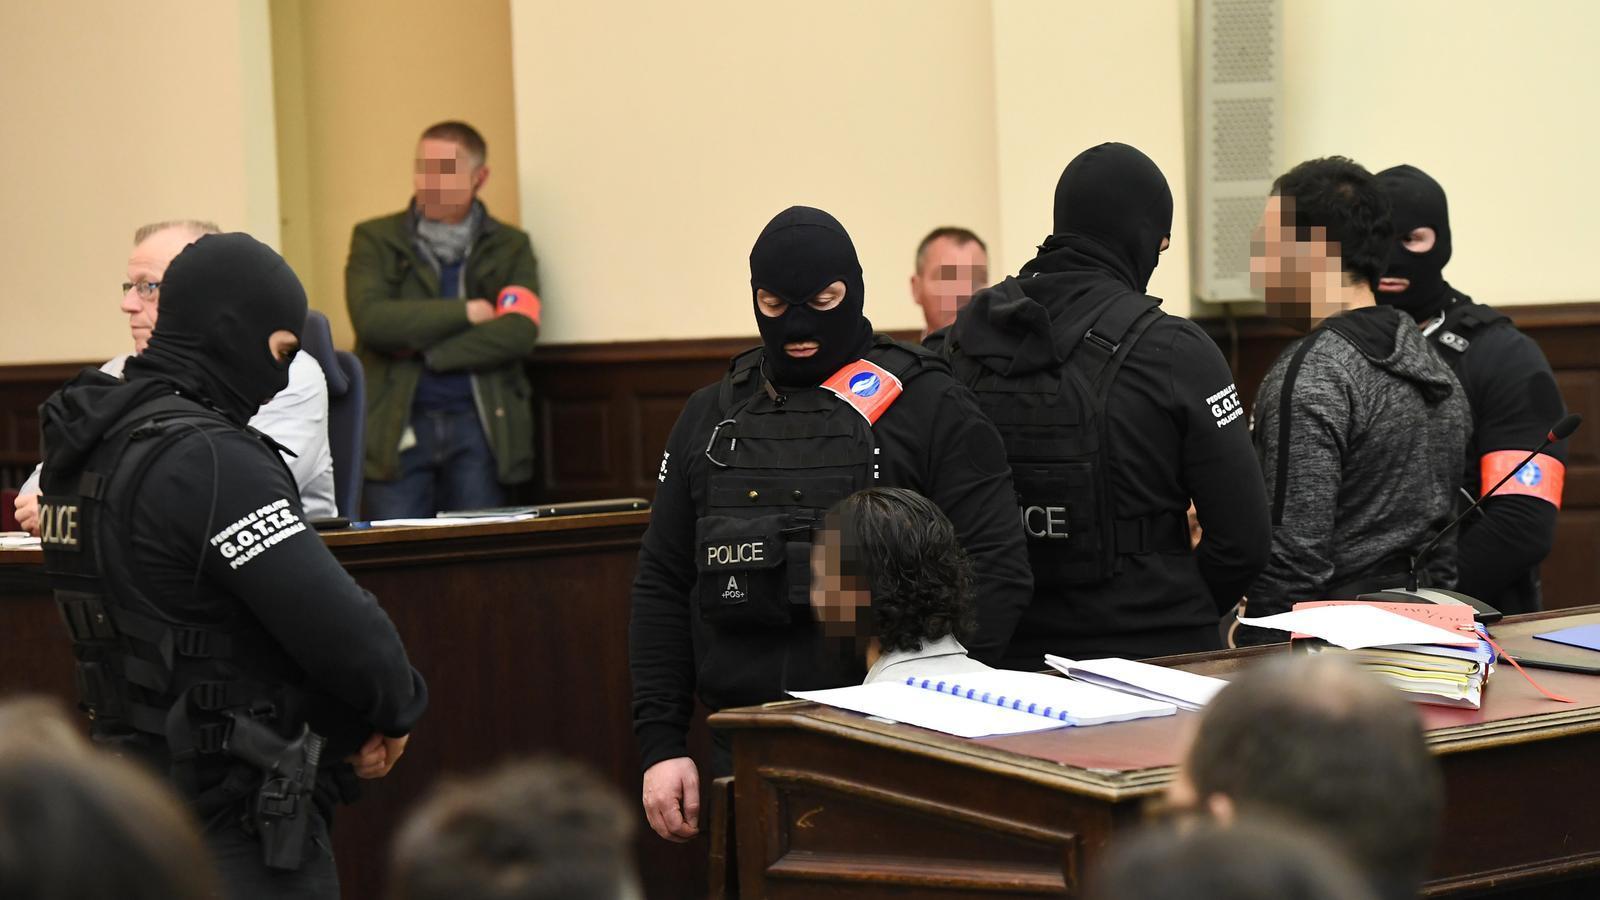 Salah Abdeslam en el judici. El seu advocat no han permès que se'n difonguin imatges. / EMMANUEL DUNAND / REUTERS